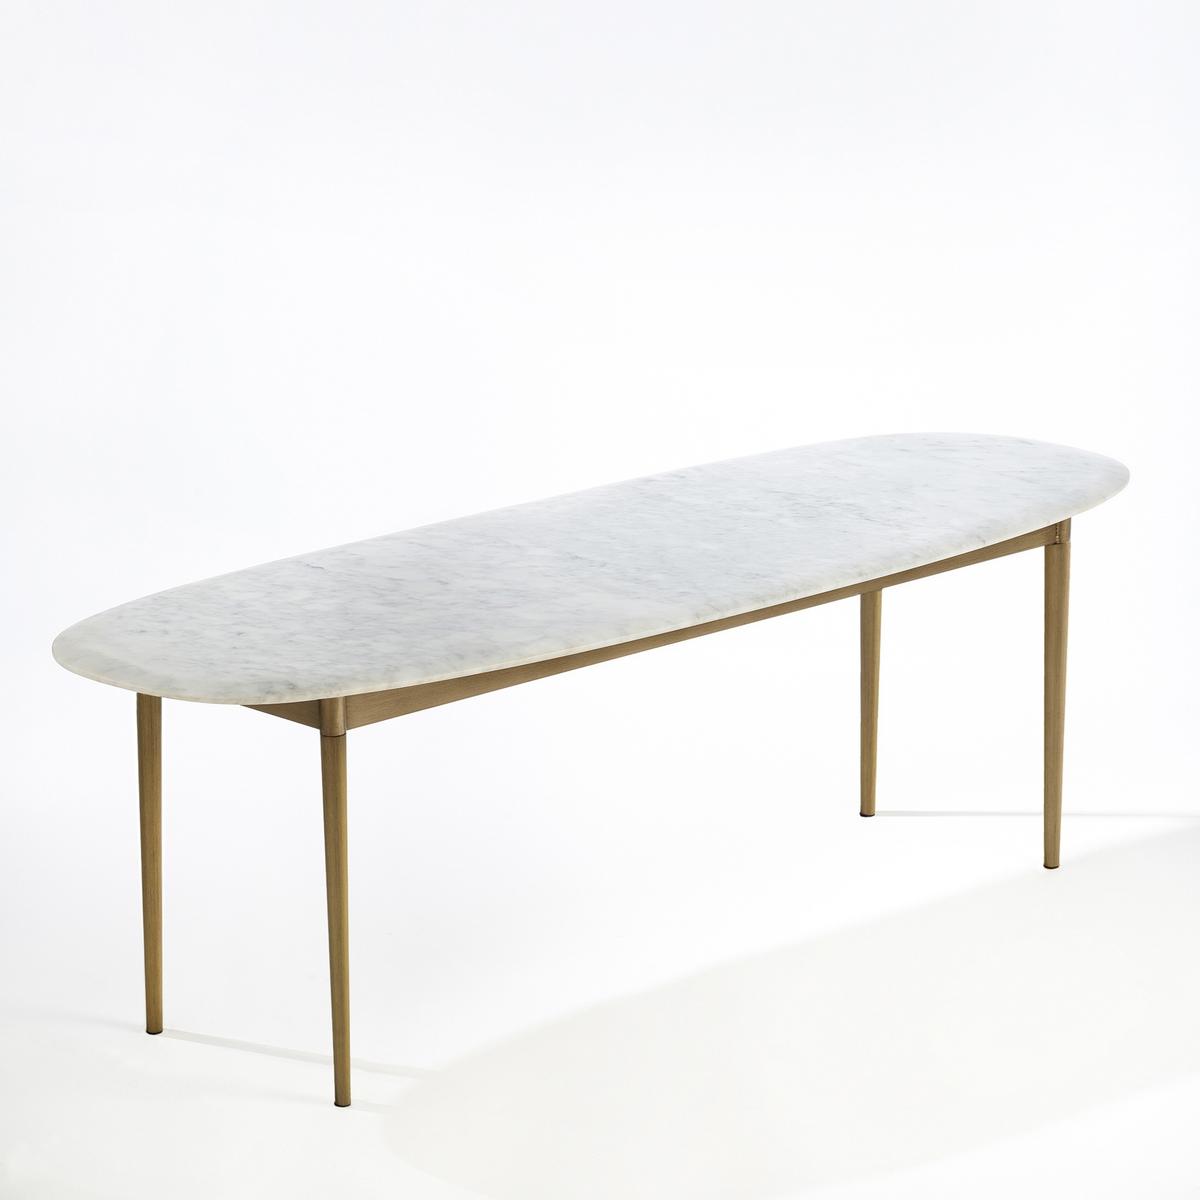 Столик LaRedoute Журнальный прямоугольный Adelong единый размер белый